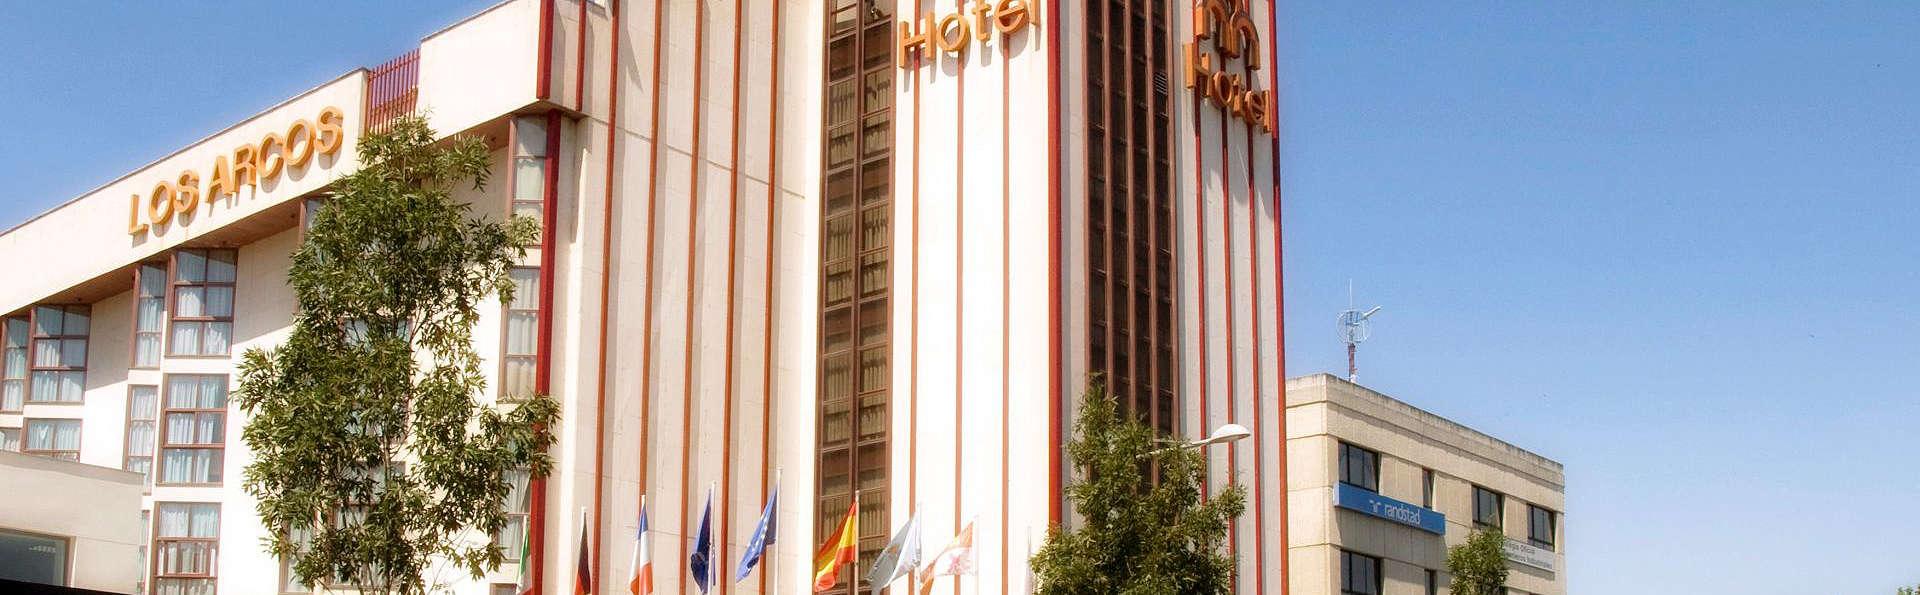 Hotel Ar Los Arcos - EDIT_Exterior.jpg